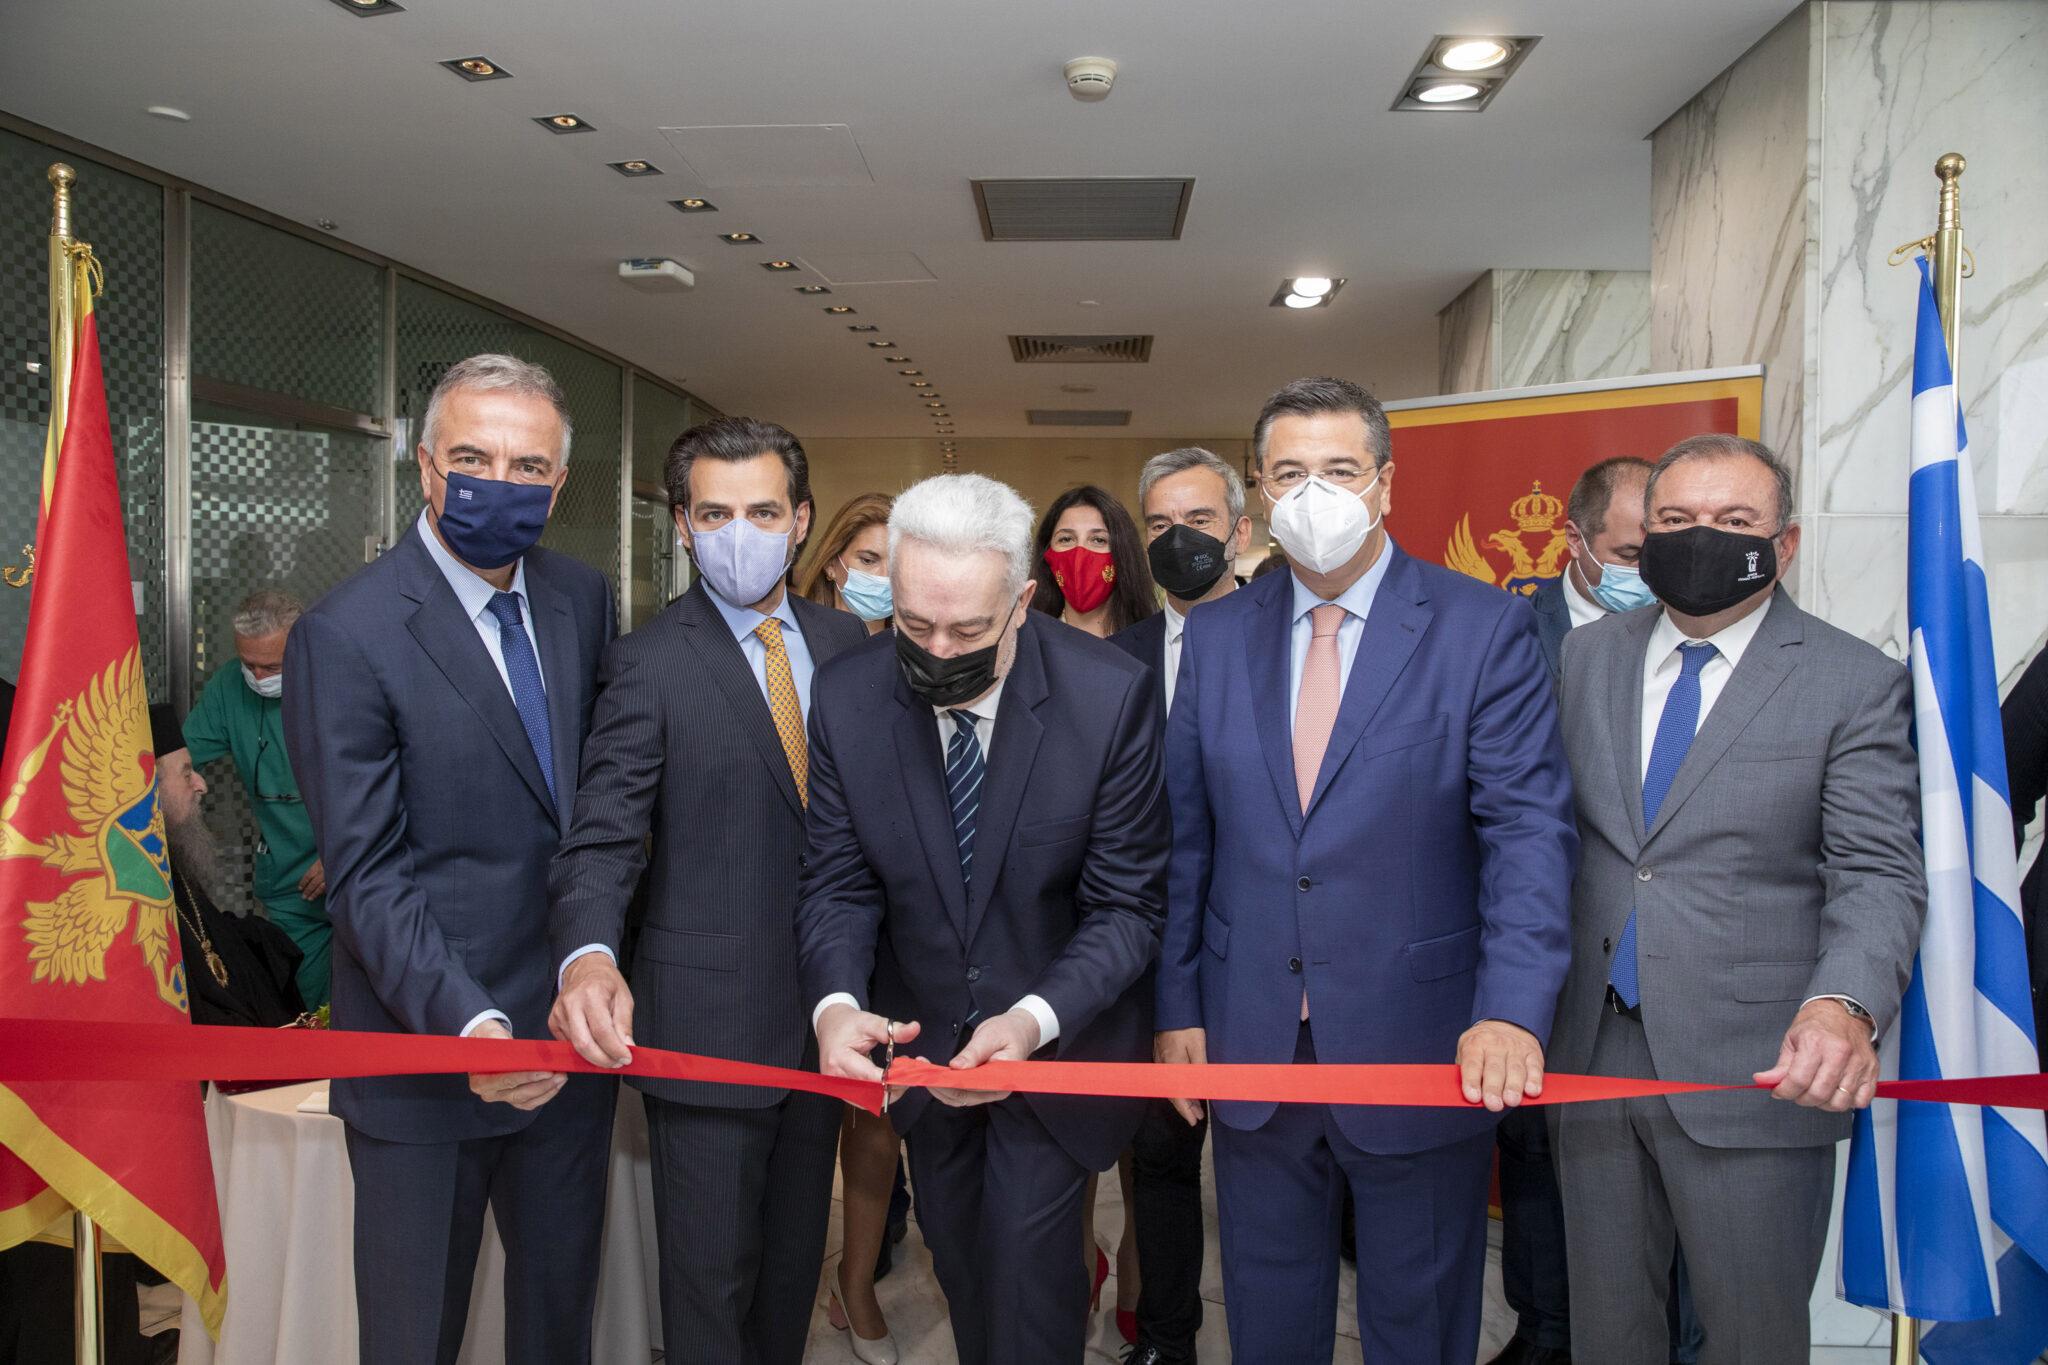 Ιστορικής Σημασίας Εγκαίνια στη Θεσσαλονίκη παρουσία του Πρωθυπουργού του Μαυροβουνίου – Επίτιμος Πρόξενος ο Δρ. Βασίλης Αποστολόπουλος